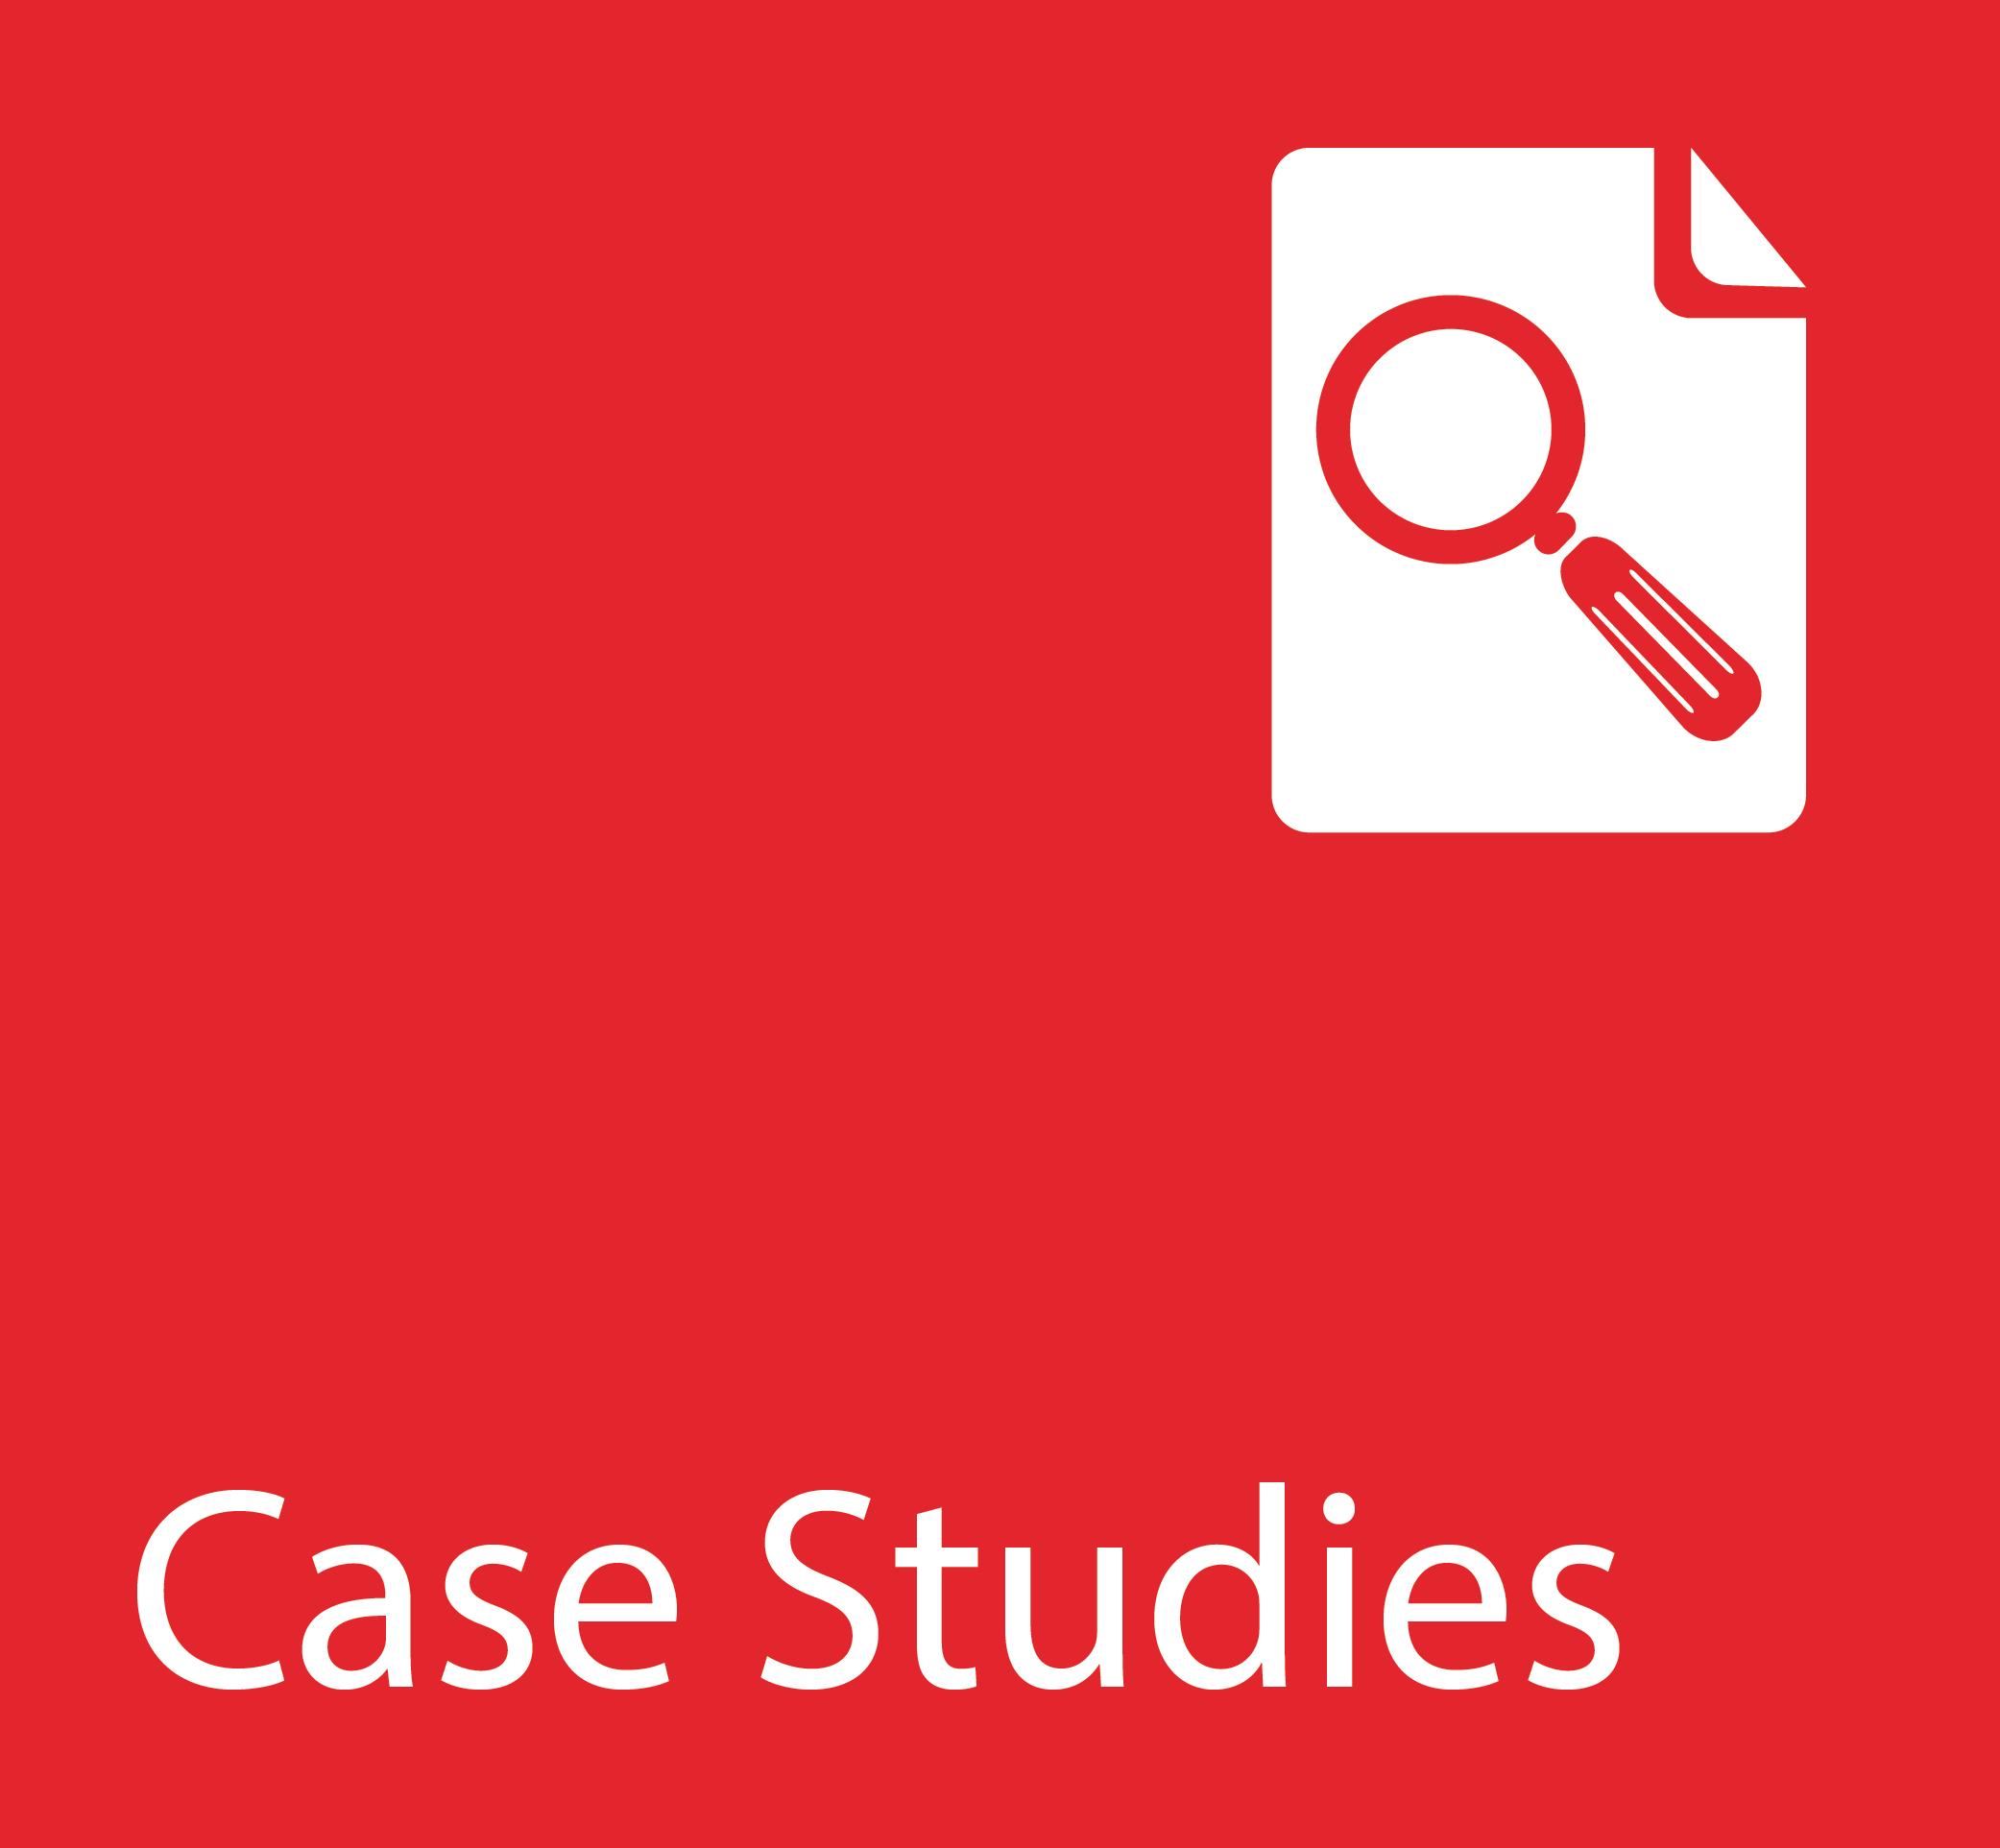 Case Studies - Revenue Cycle